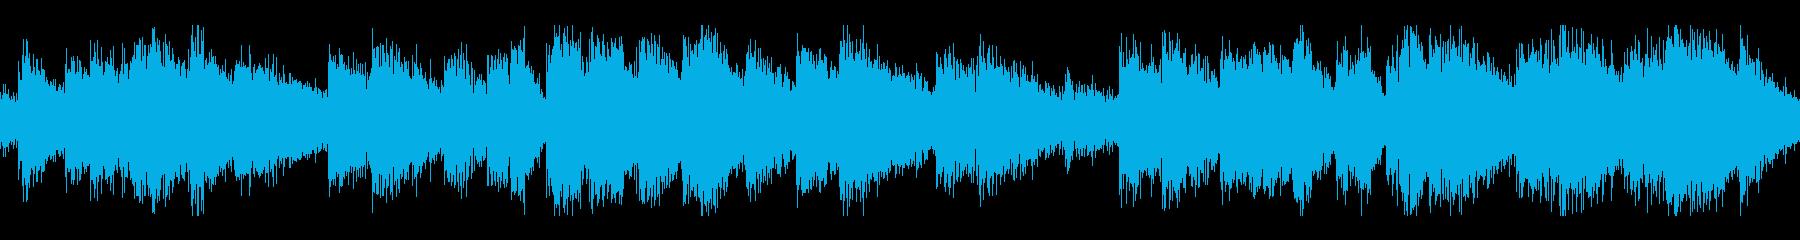 電撃音ループです(ビリビリ)の再生済みの波形